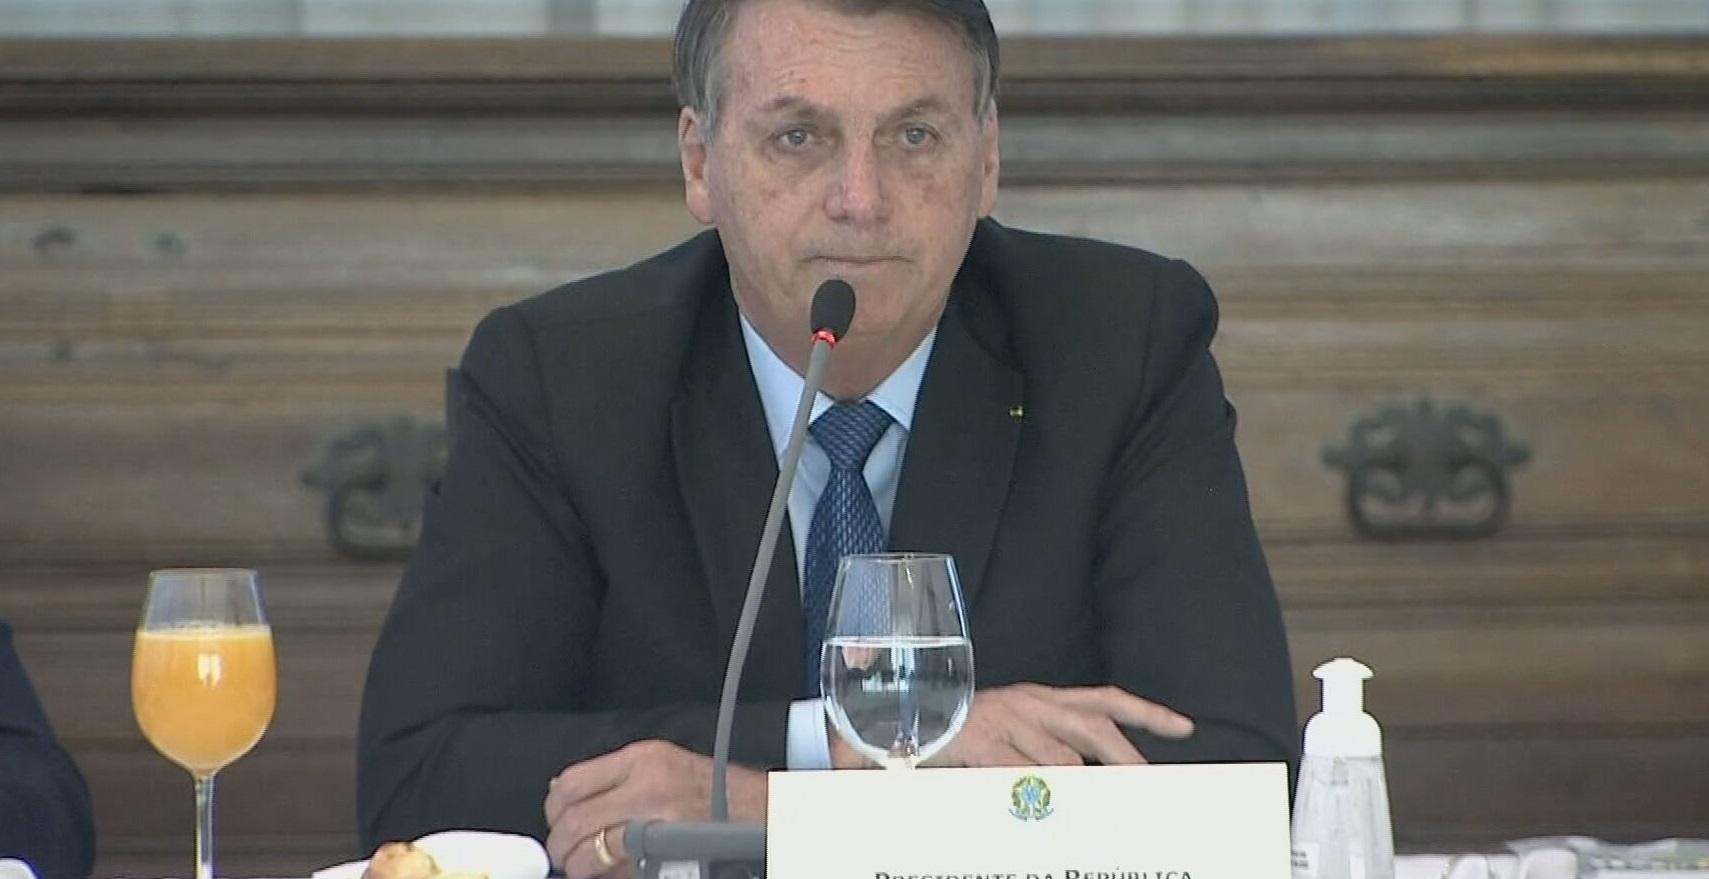 O presidente Jair Bolsonaro durante reunião ministerial transmitida ao vivo